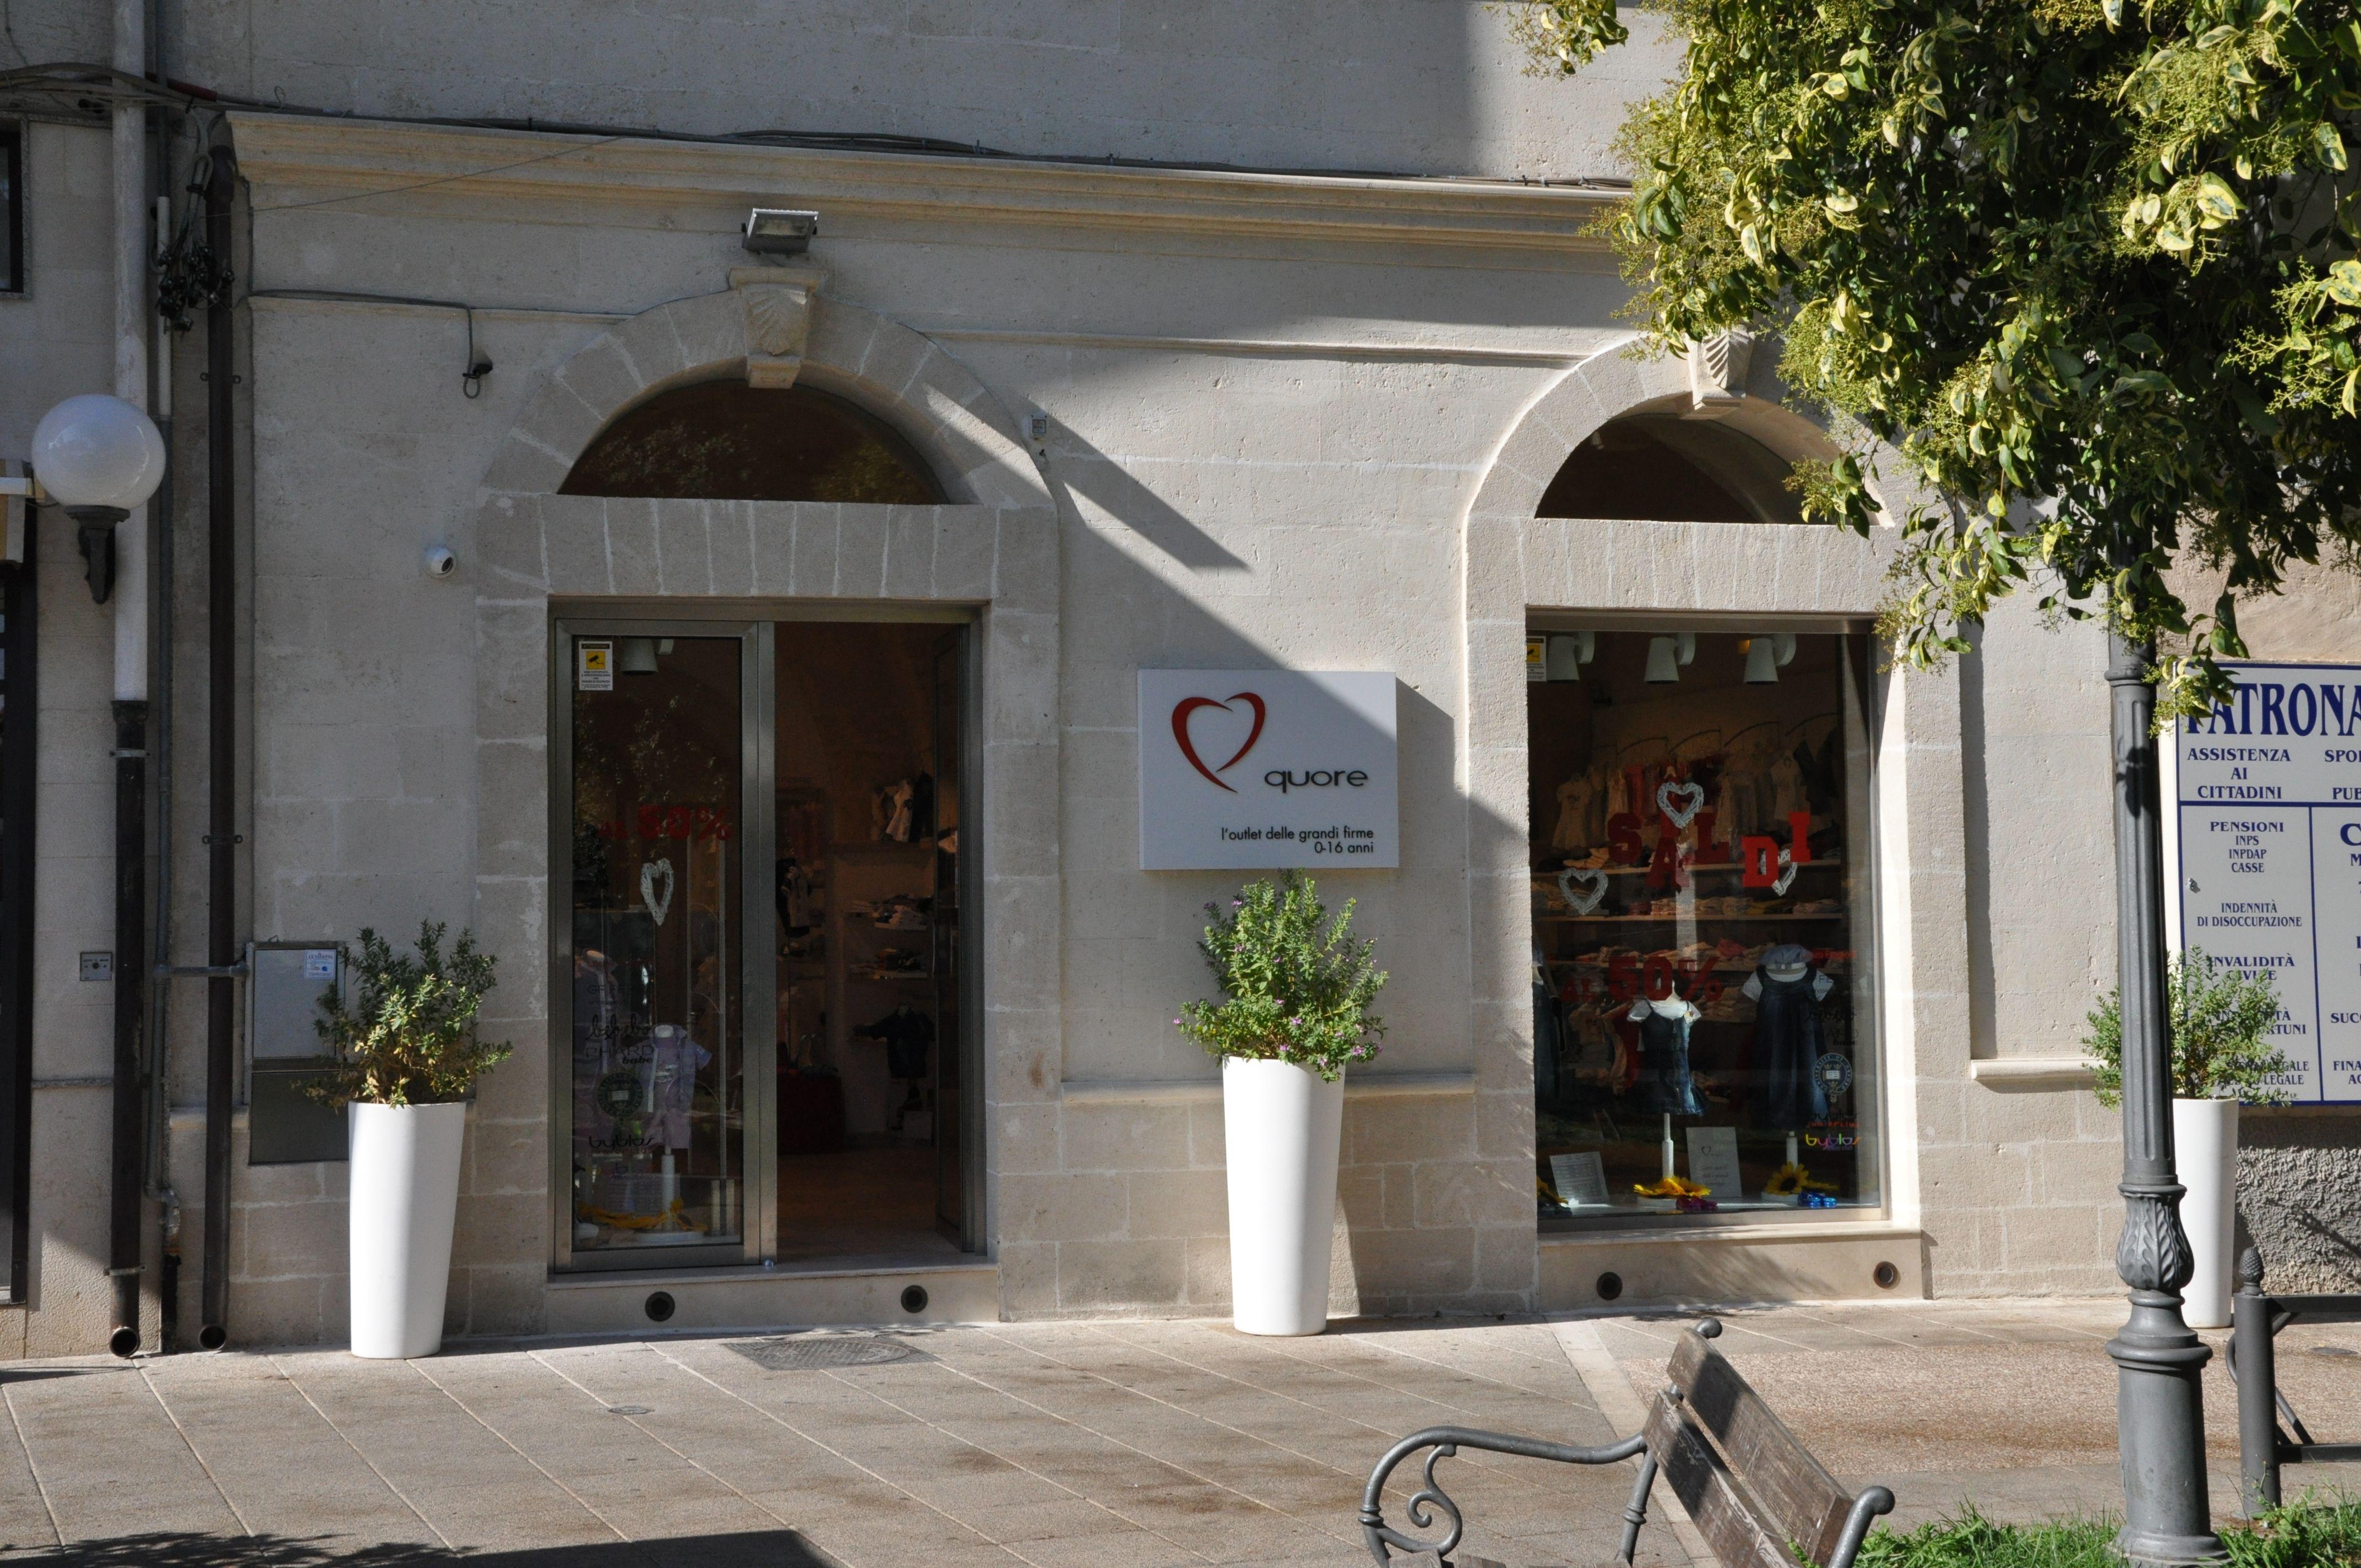 """Arredo Casa Francavilla Fontana ingresso del negozio """"quore"""" in p.zza marconi, 3 a"""